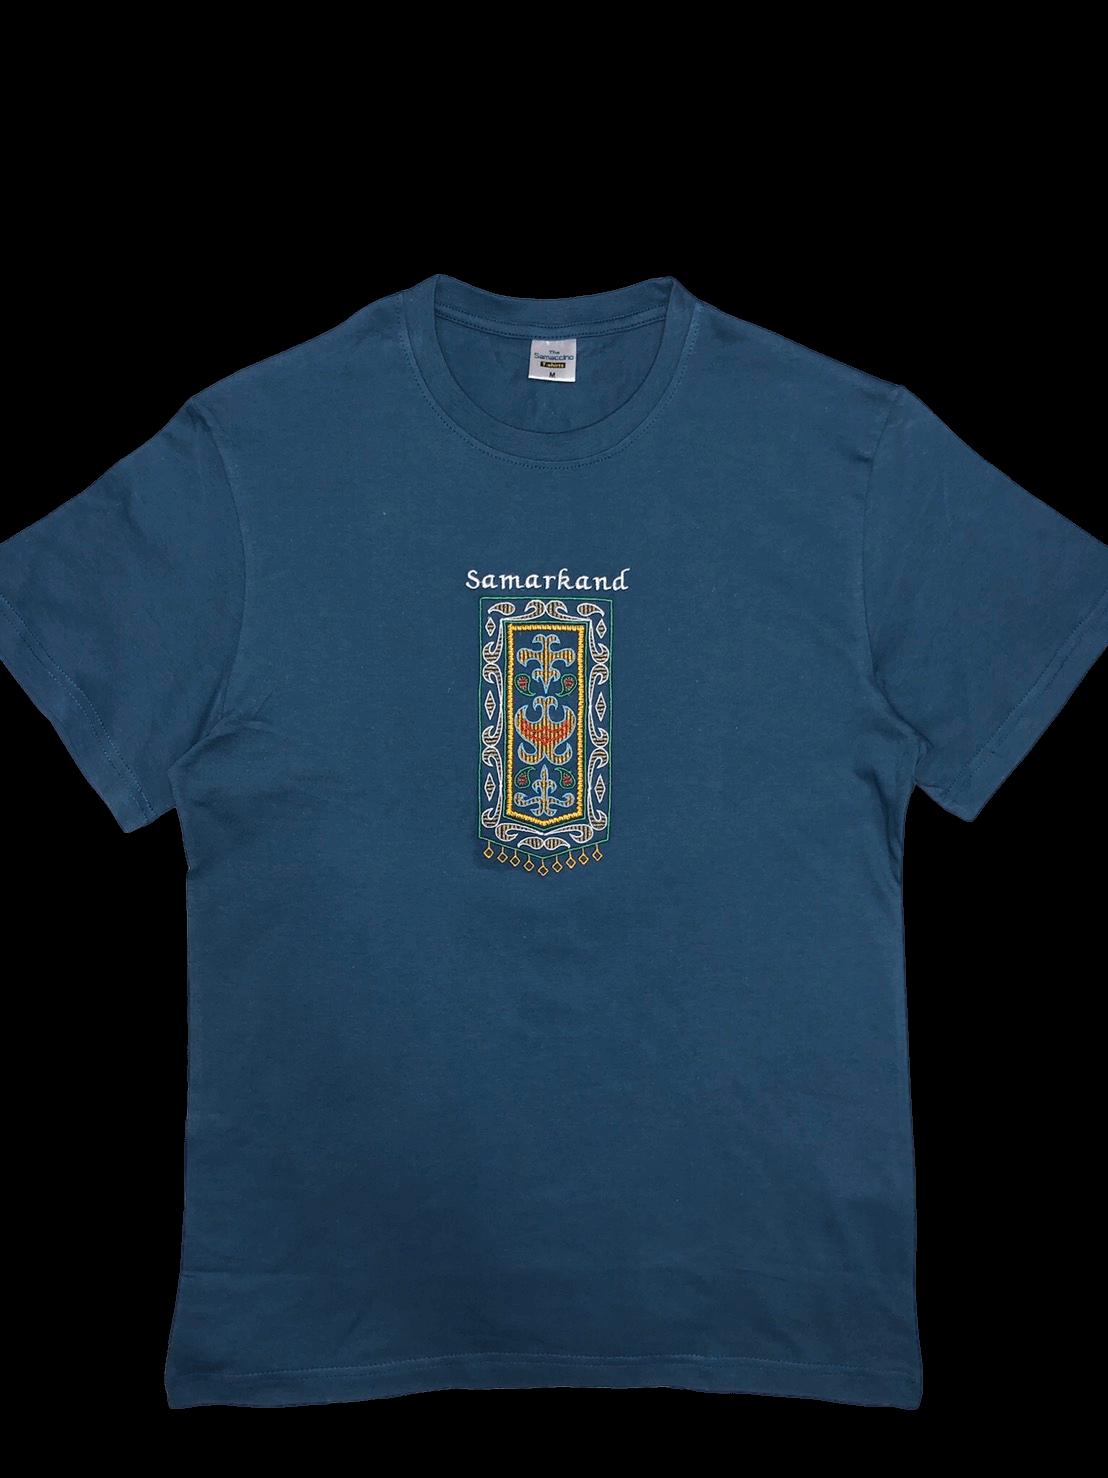 スザニ刺繍入り サマルカンド Tシャツ(濃青ヒヤシンス色)